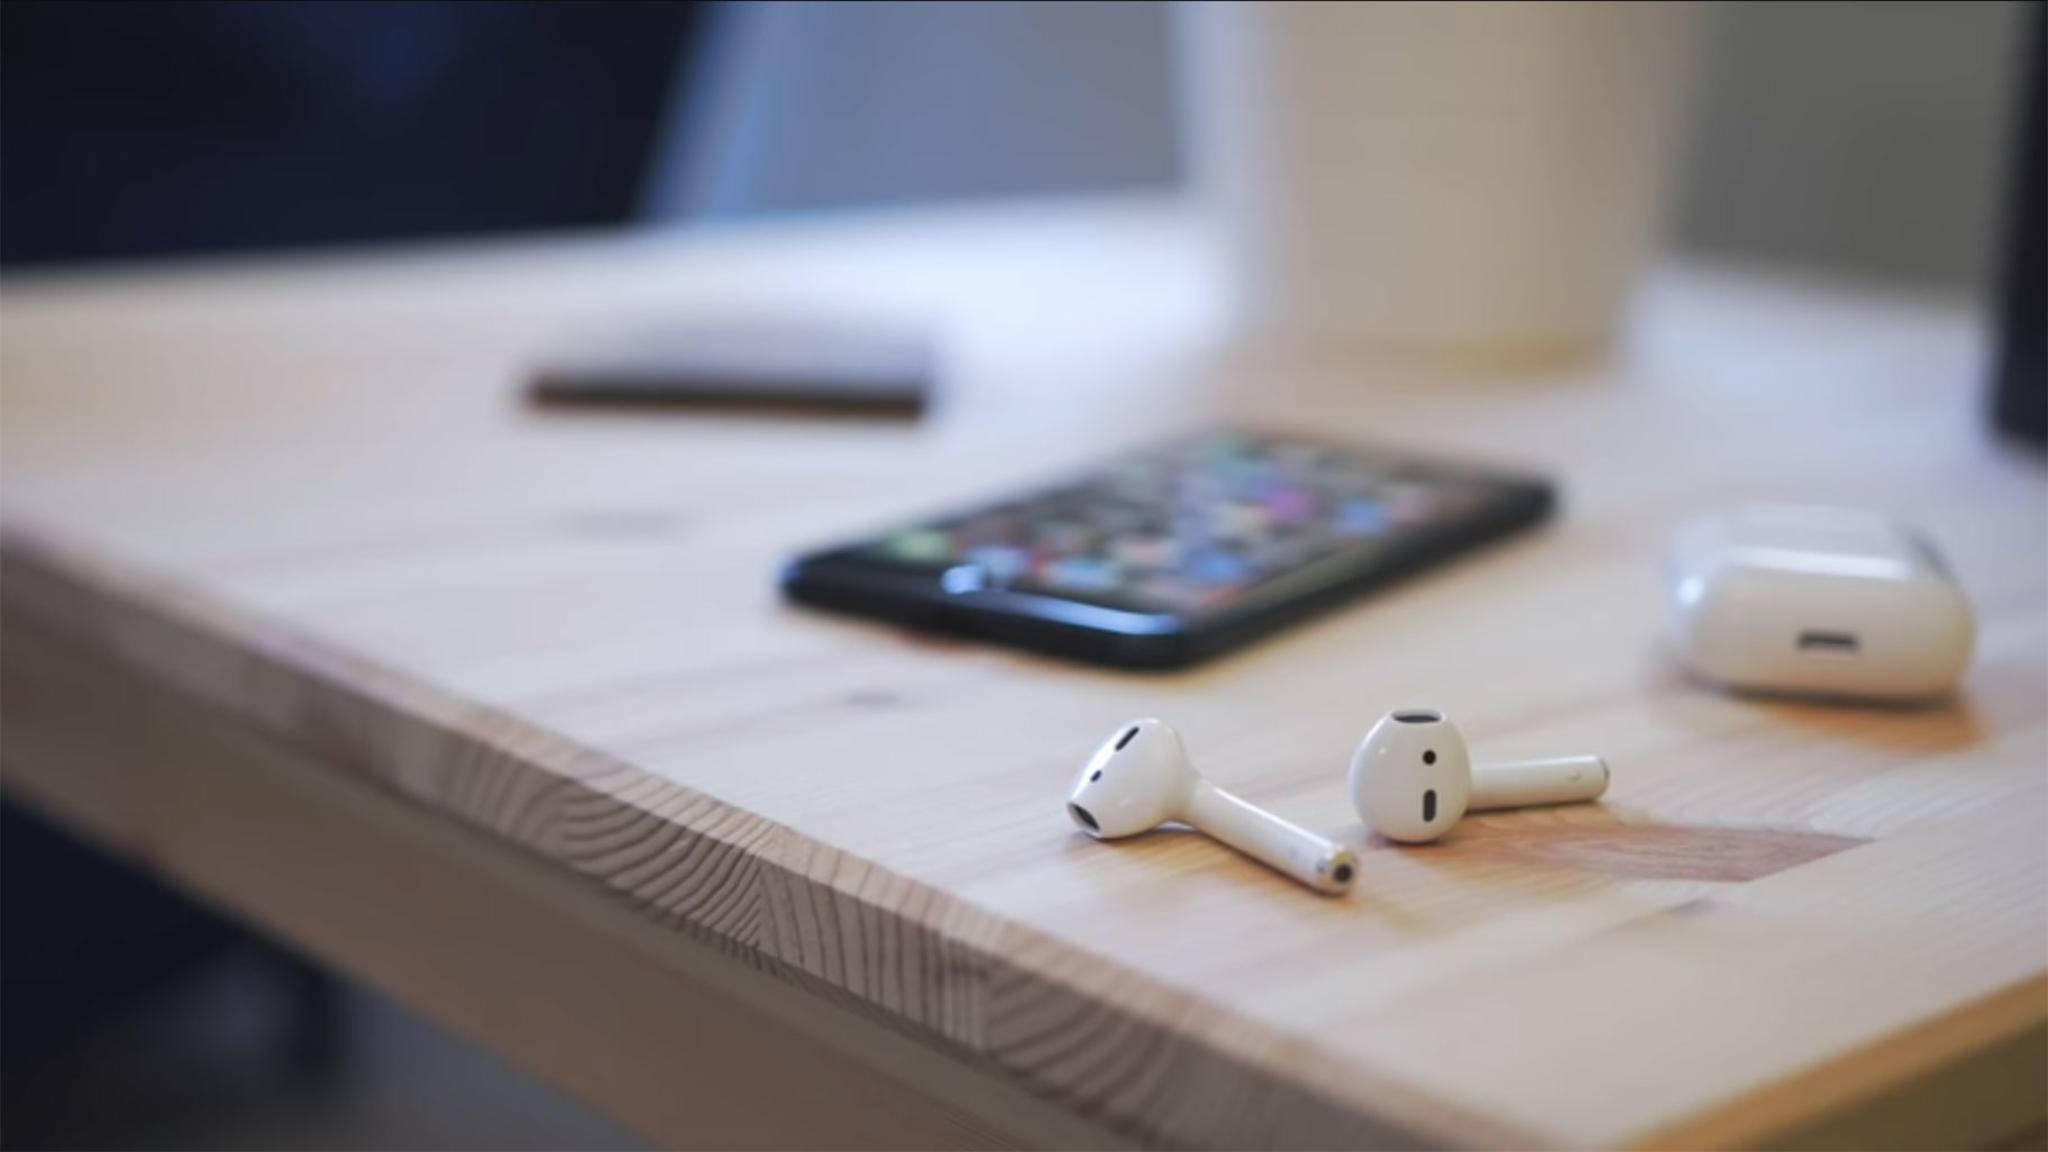 Die Distanz zwischen Kopfhörern und Gerät sollte nicht zu groß sein.